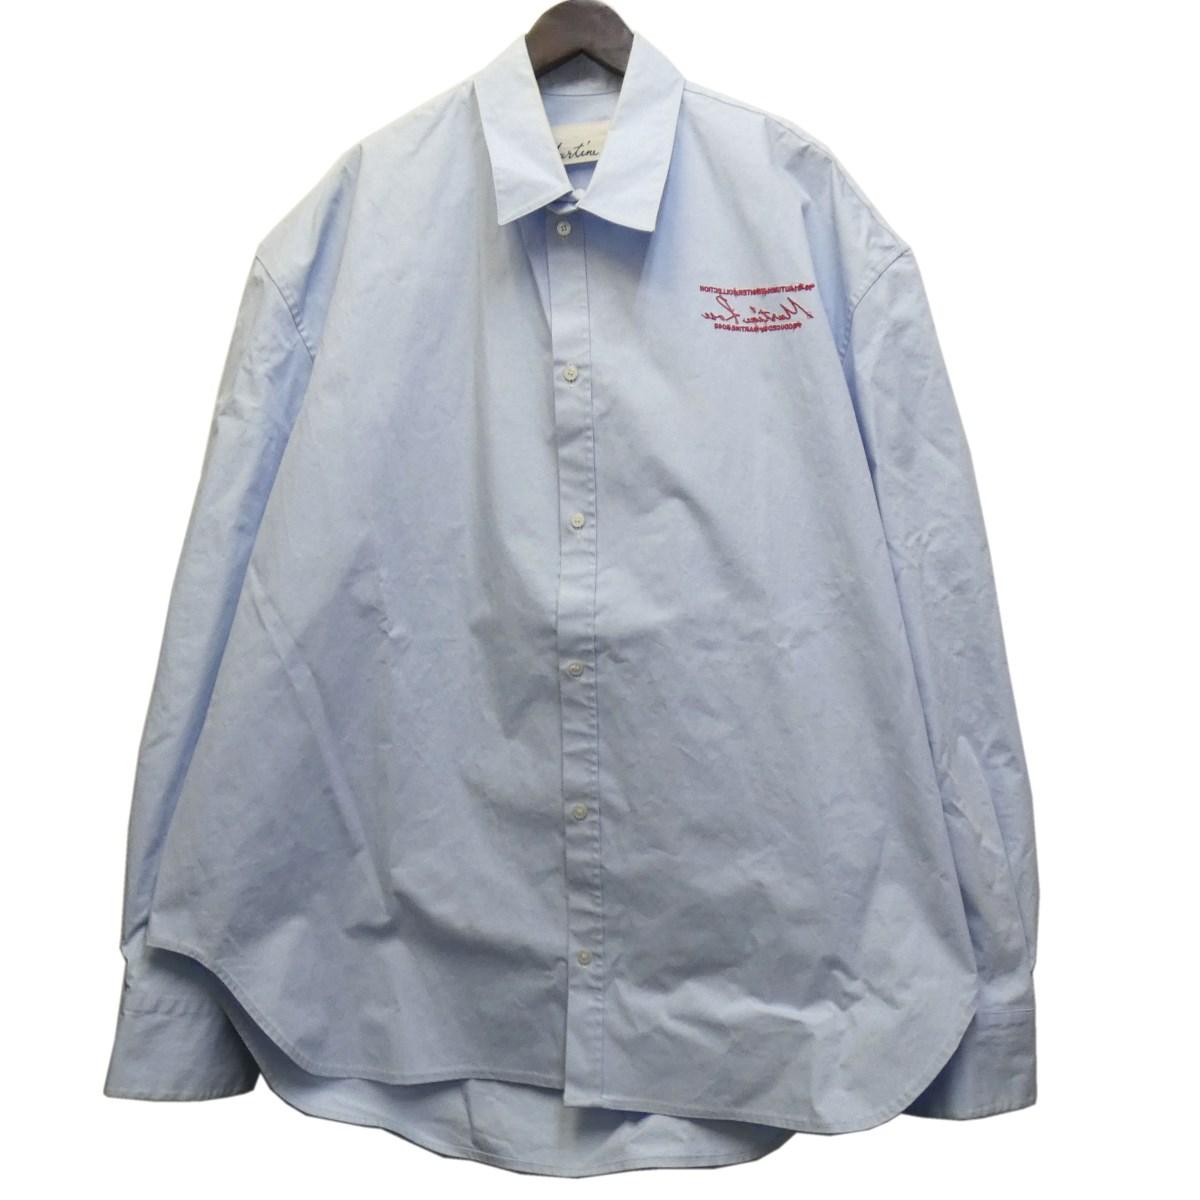 【中古】martine rose オーバーサイズシャツ サックスブルー サイズ:XS 【240320】(マーティンローズ)